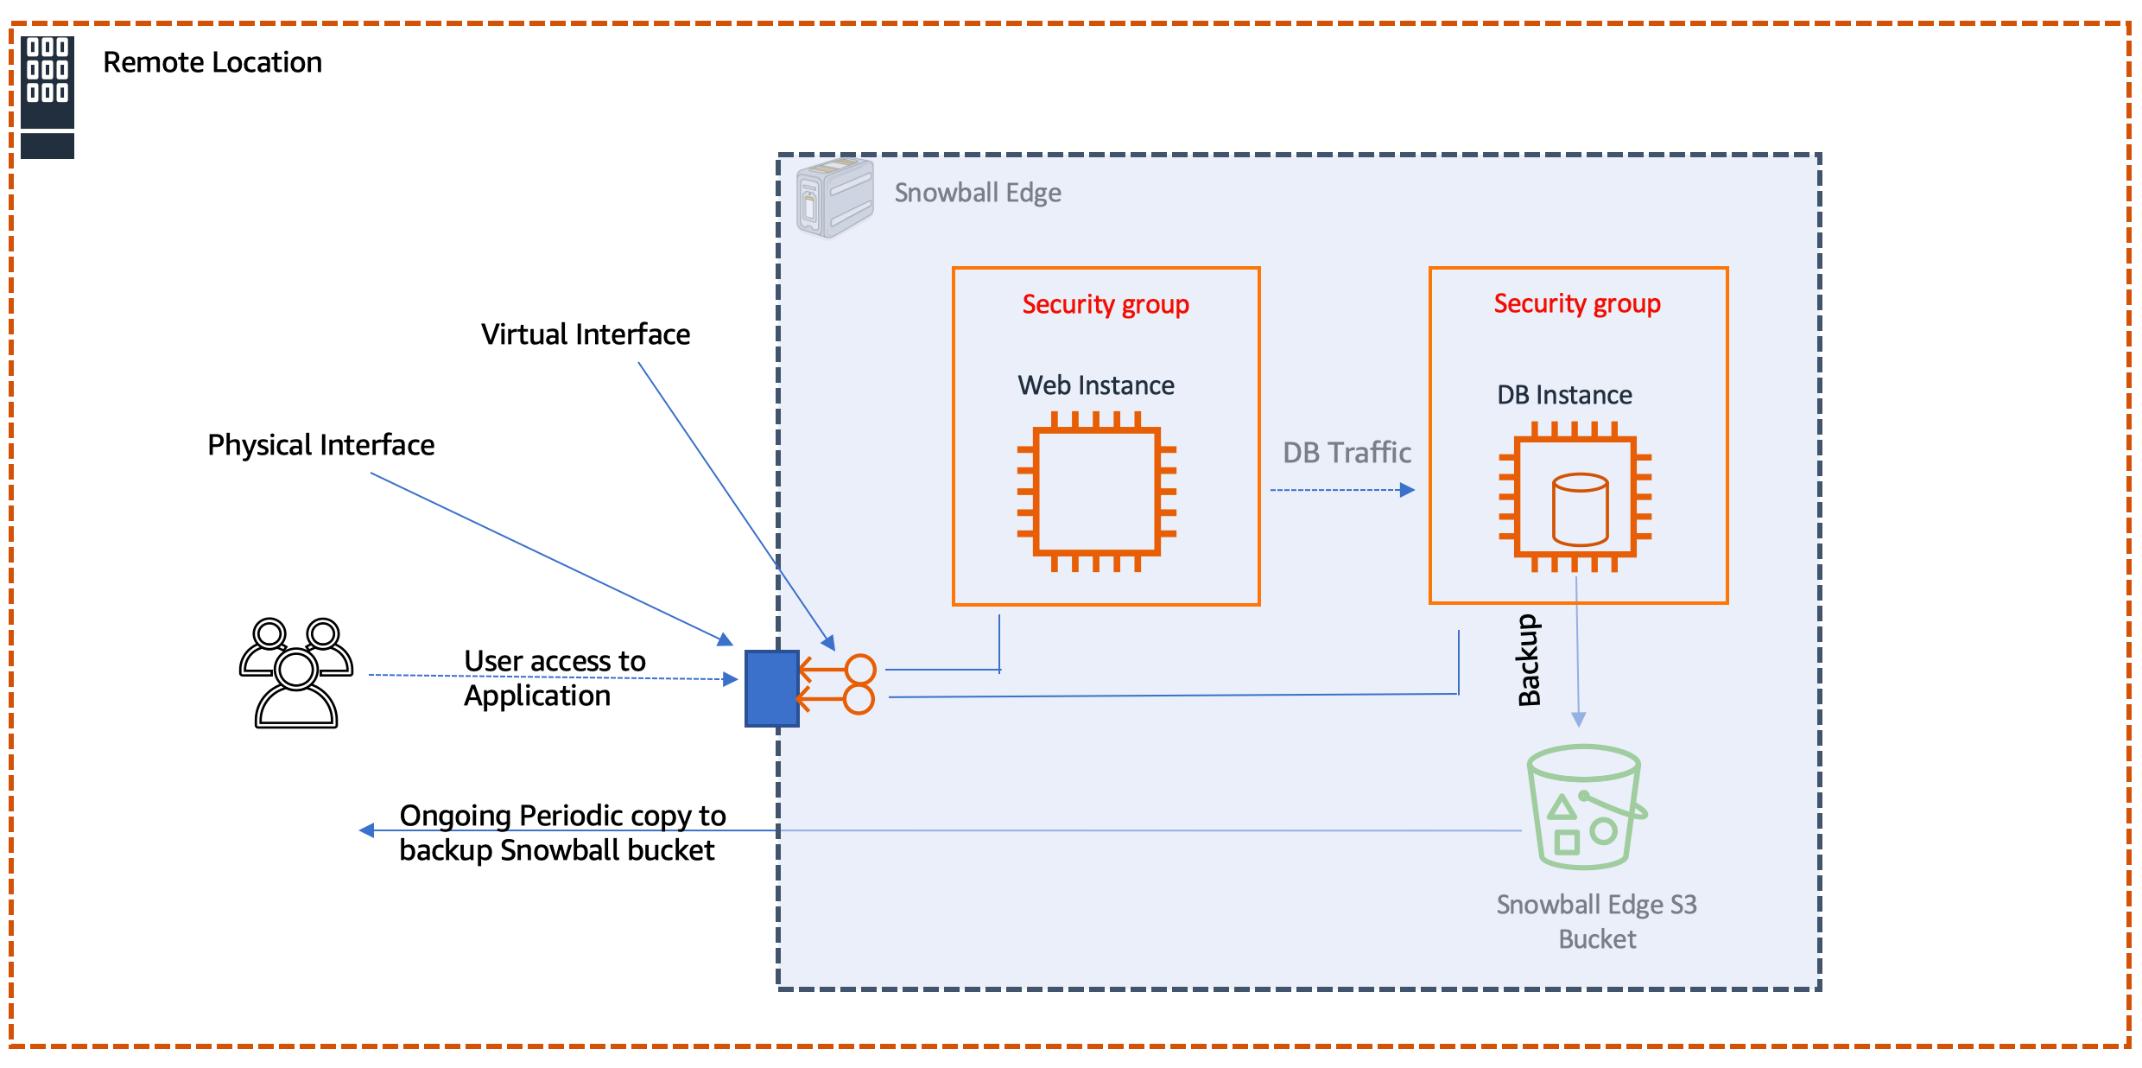 図はデプロイの全体的なアーキテクチャを示していて、Snowball Edge はウェブサーバーとデータベースサーバーを実行します。